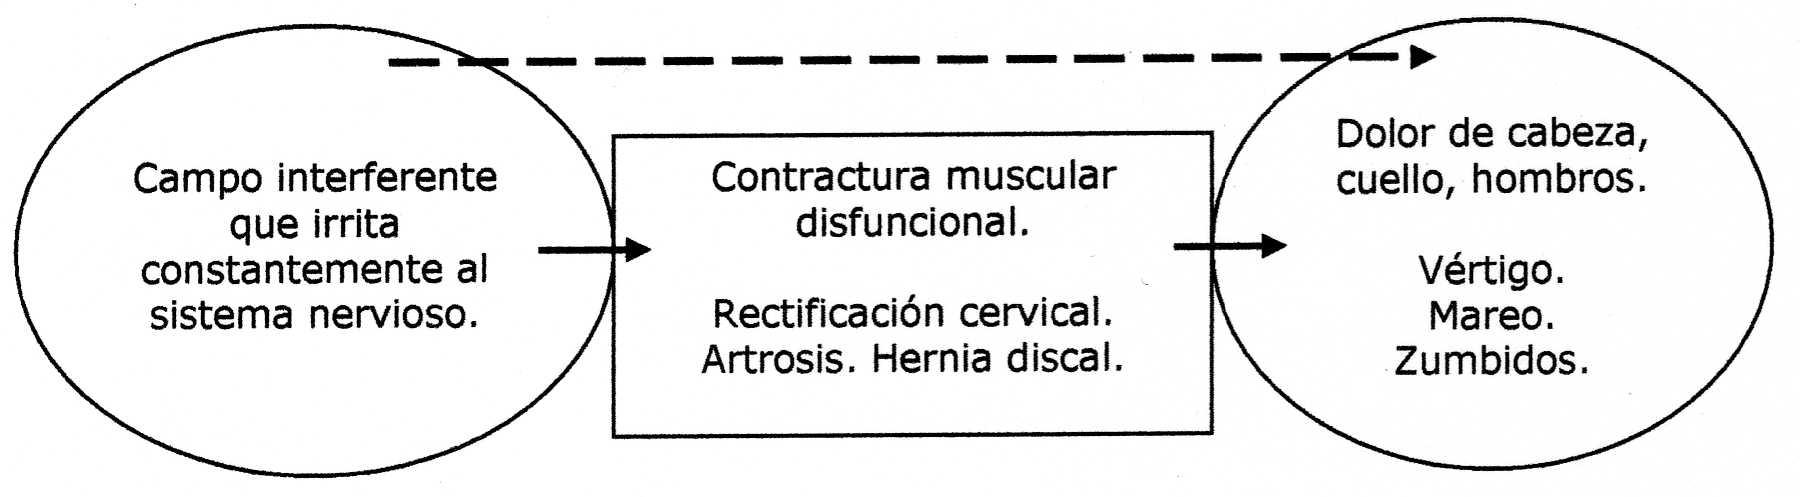 El tumor benigno en el departamento de pecho de la columna vertebral